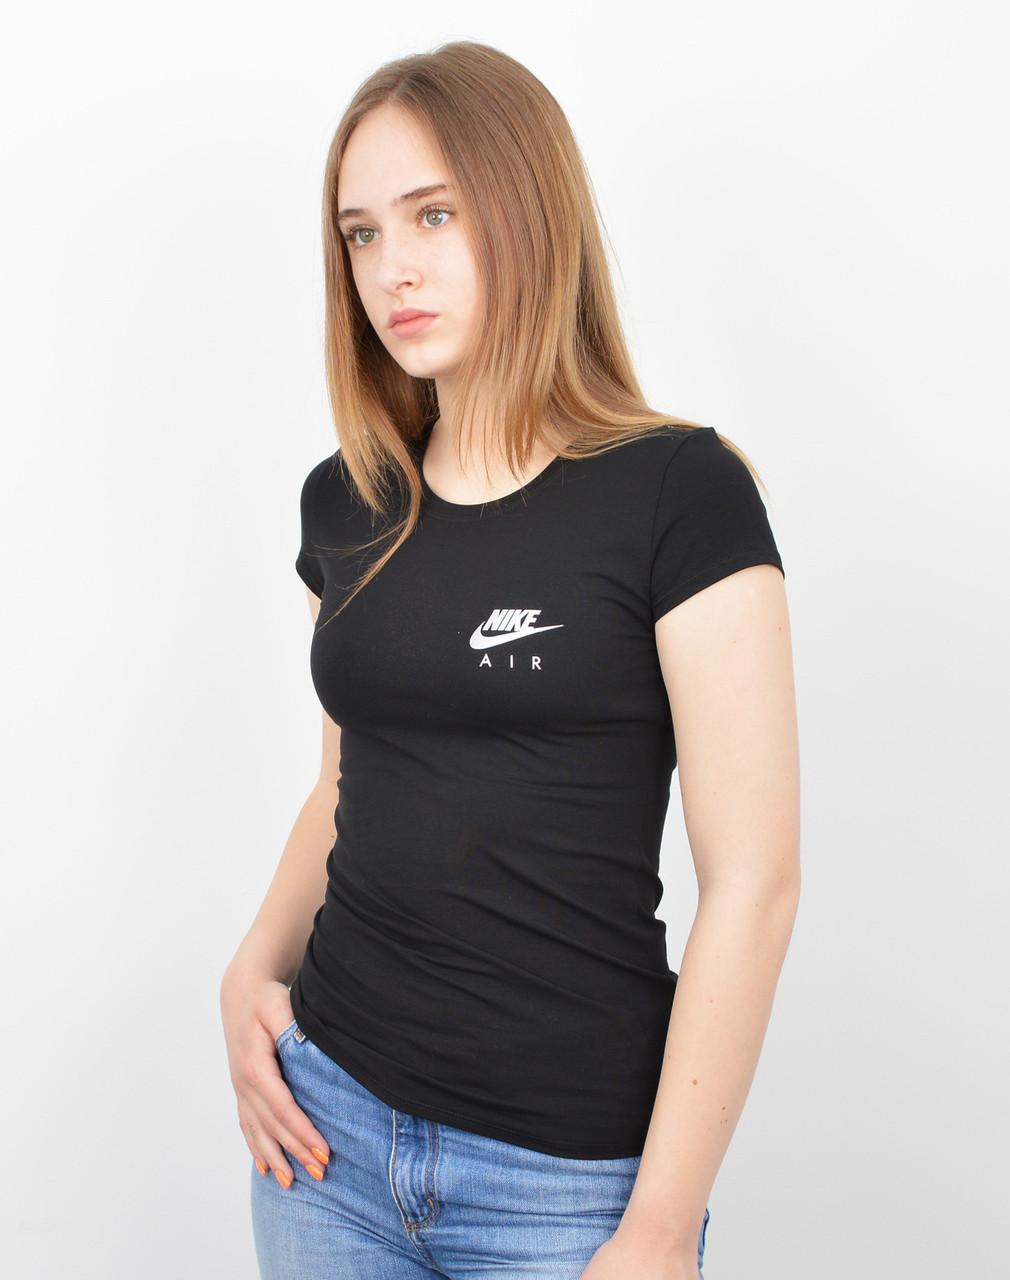 Женская футболка оптом спорт S0520 Черный